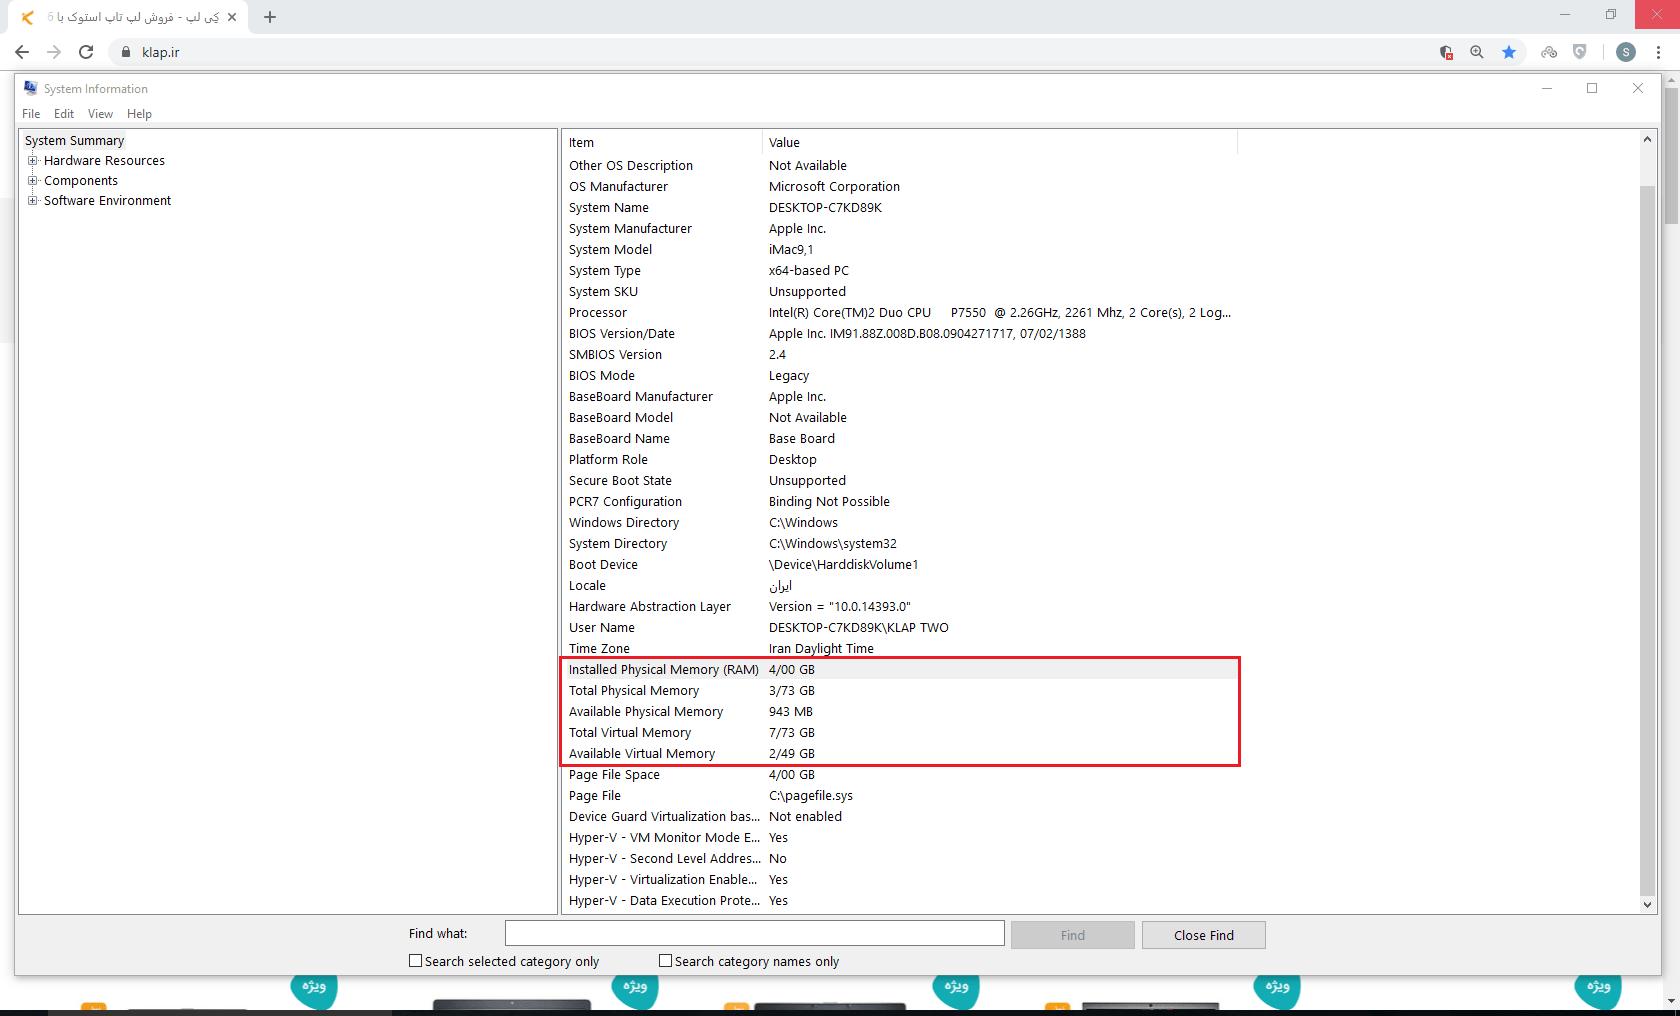 جستجوی مشخصات لپ تاپ